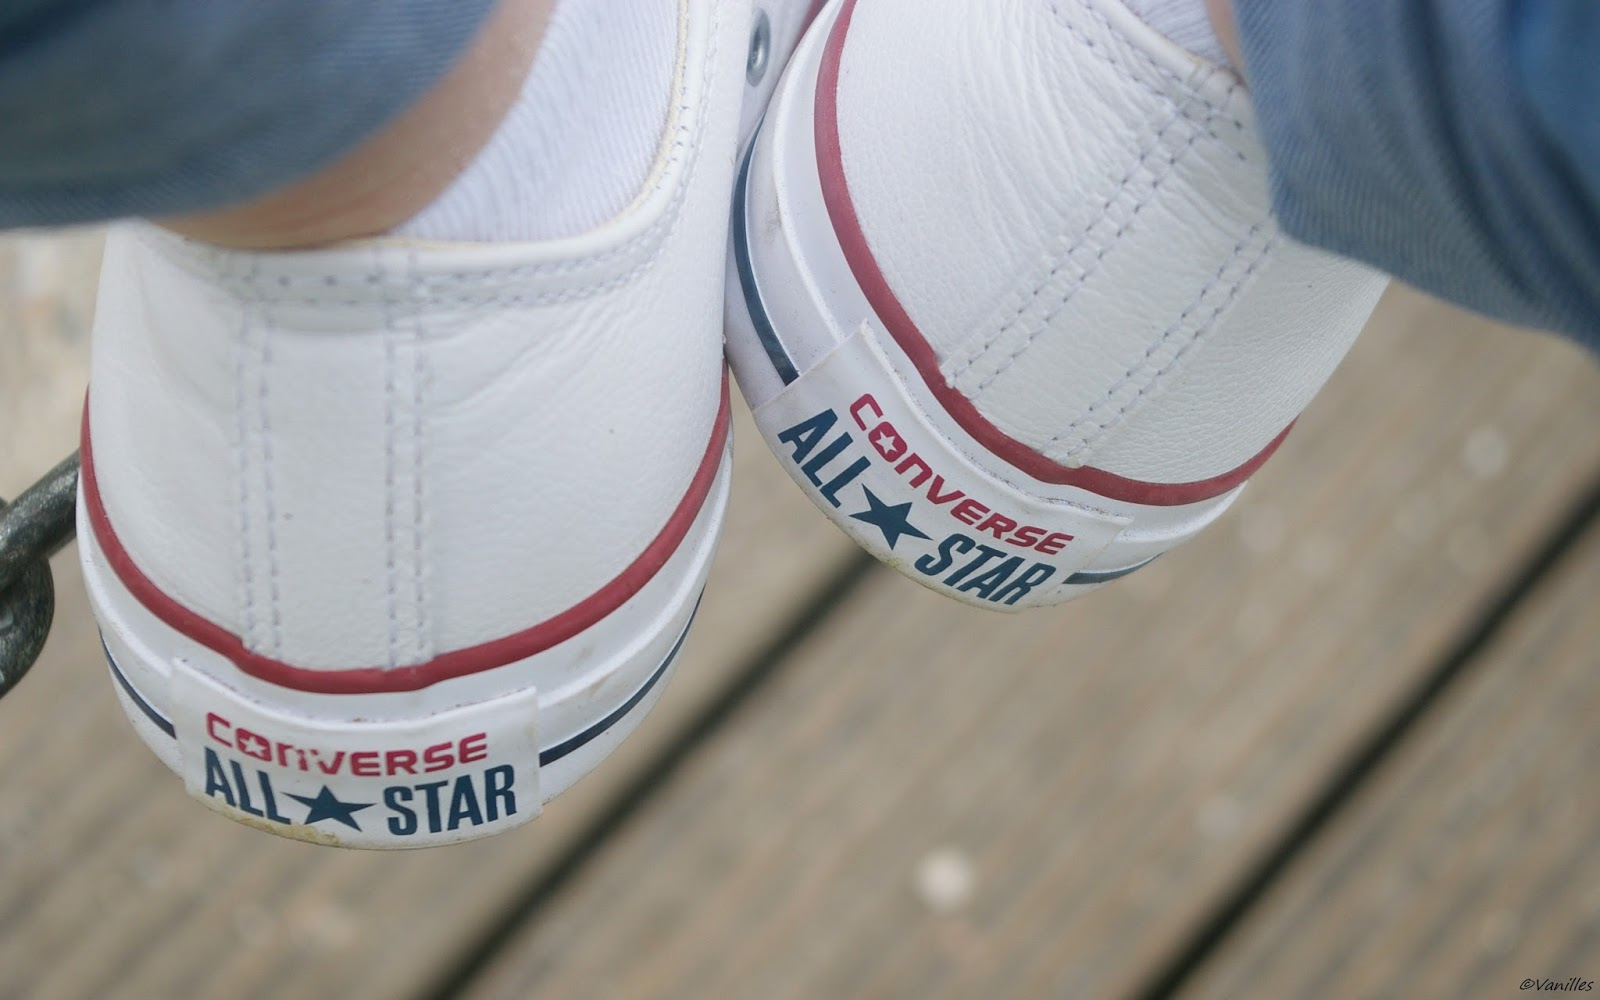 0873fad226a All Stars zijn schoenen die altijd met de trends meegaan. Het zijn leuke/  makkelijke schoenen die bijna overal mee te combineren zijn.